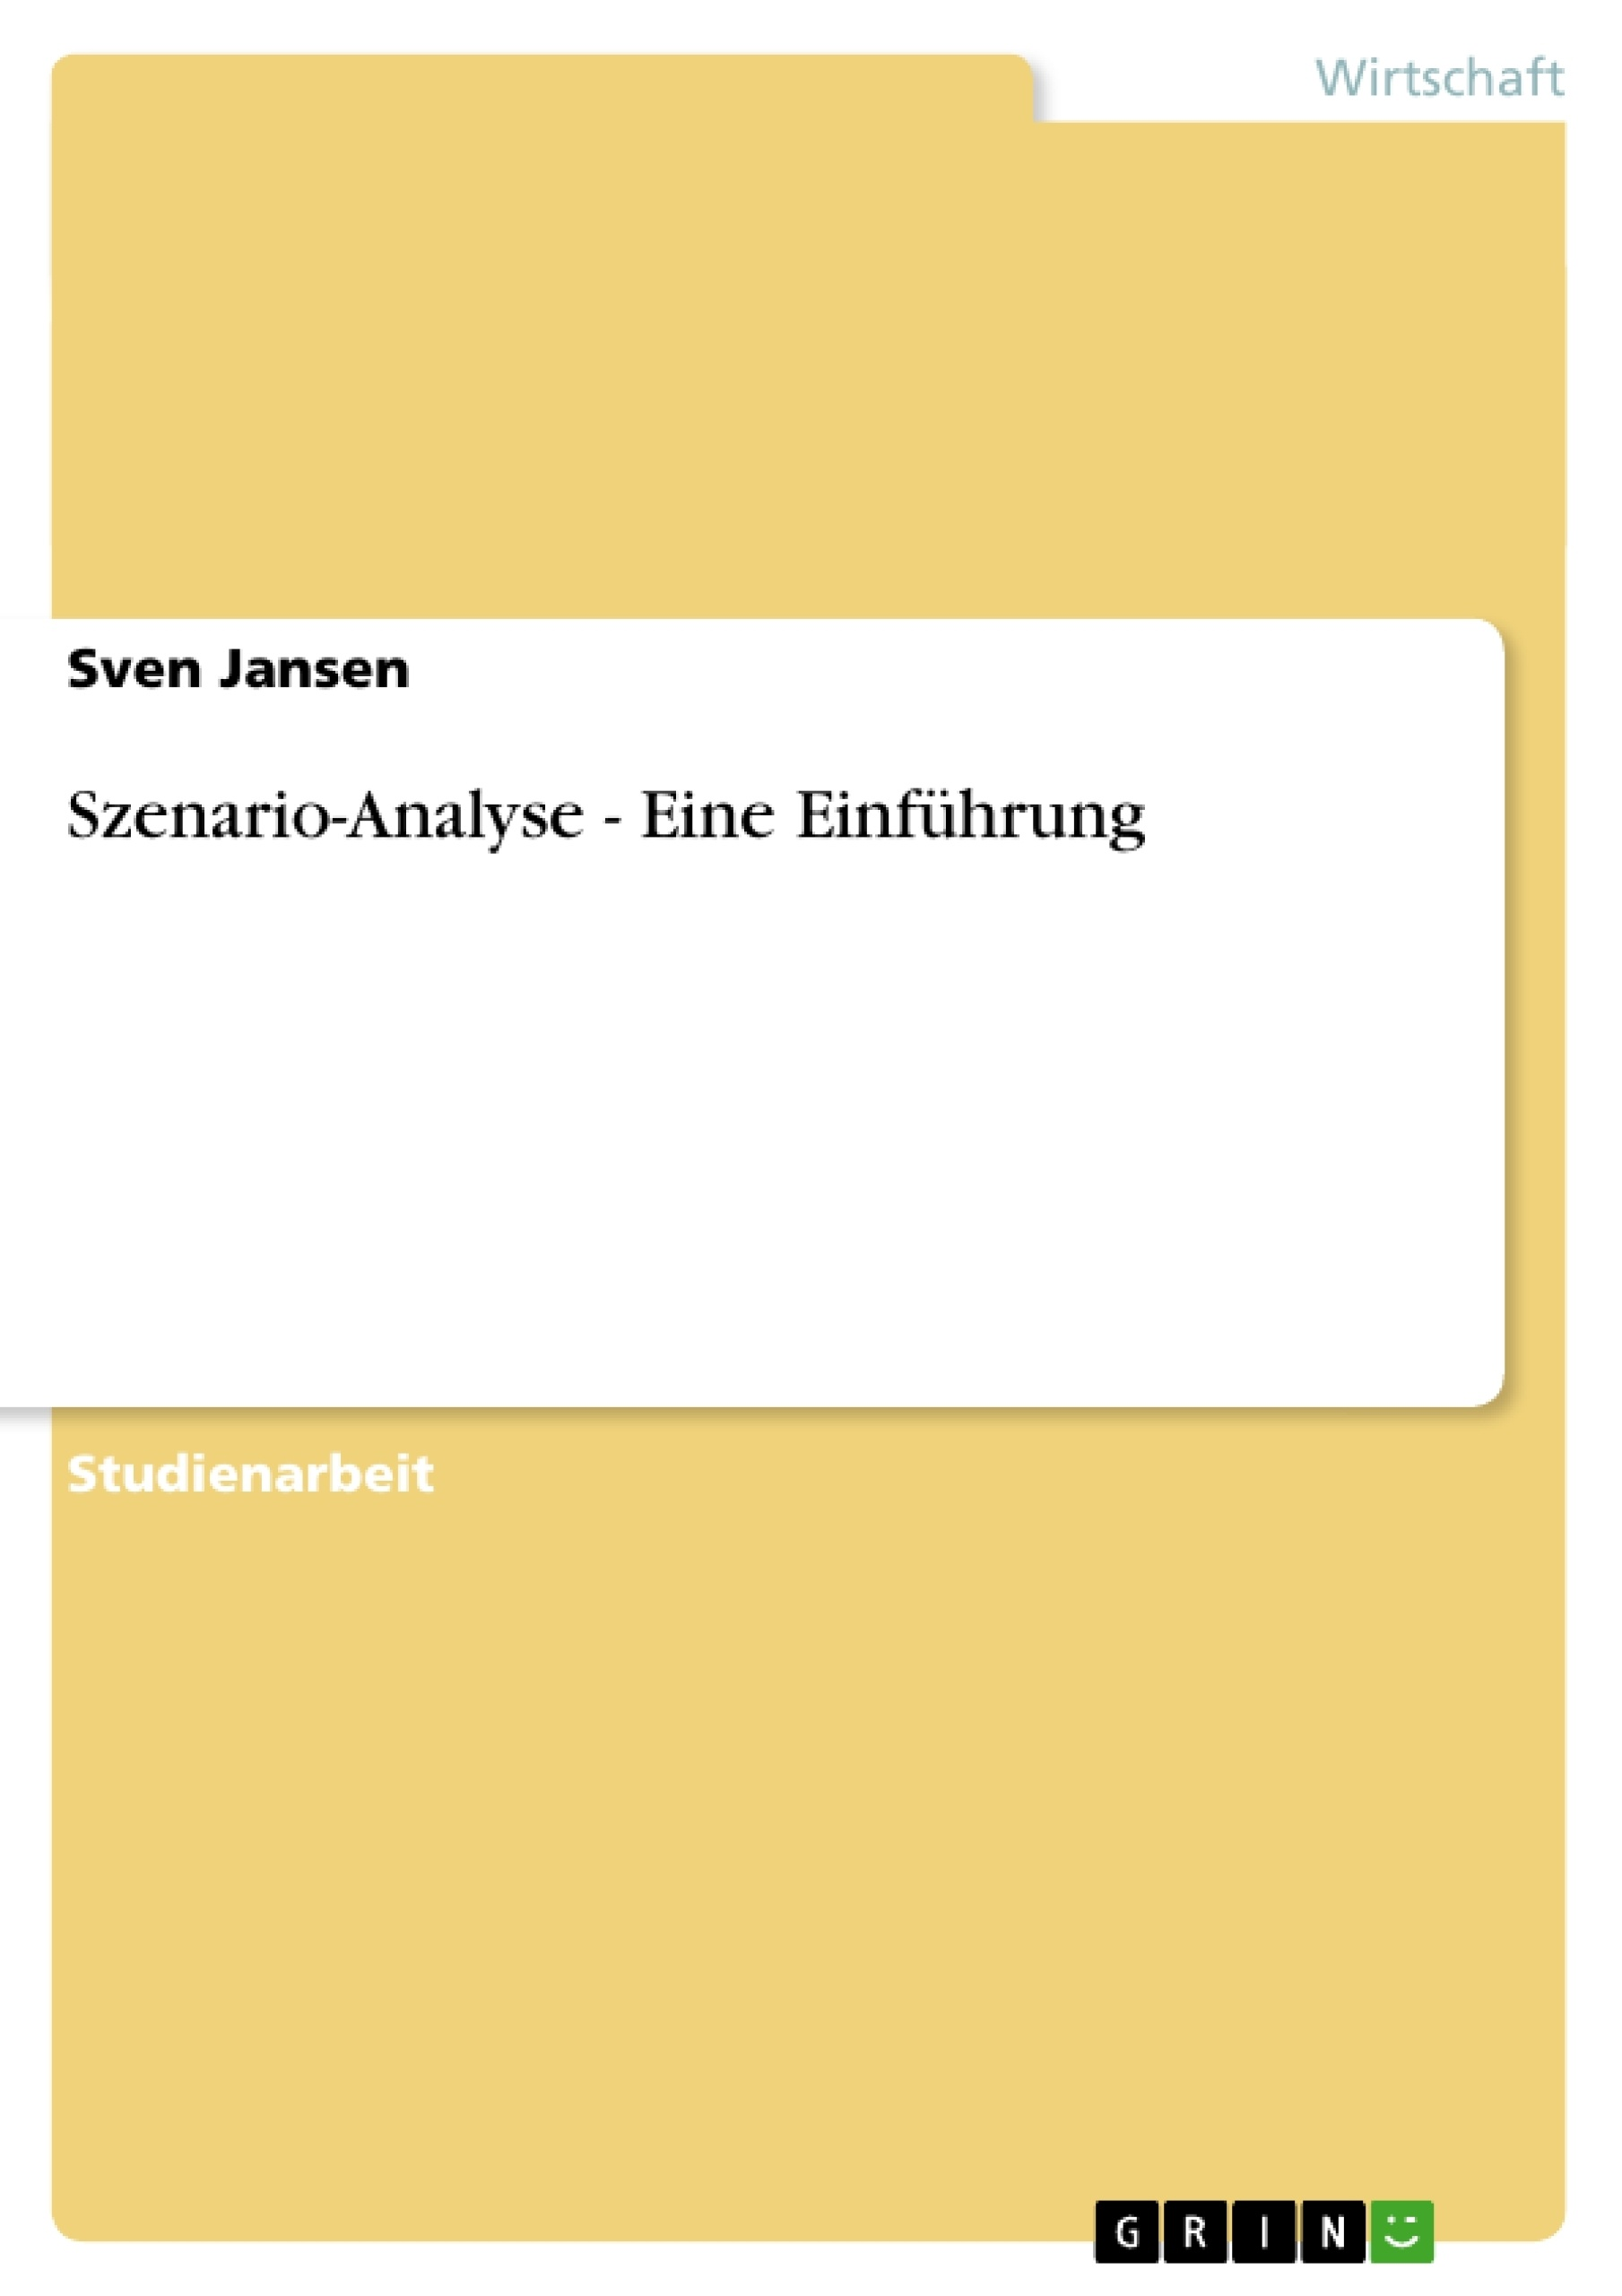 Titel: Szenario-Analyse - Eine Einführung